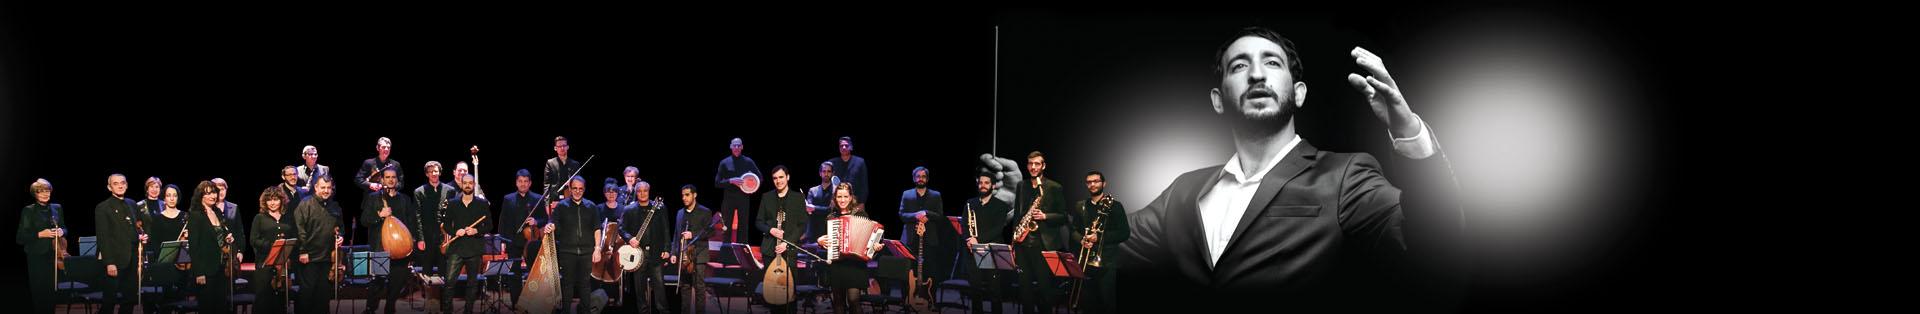 תזמורת מזרח-מערב